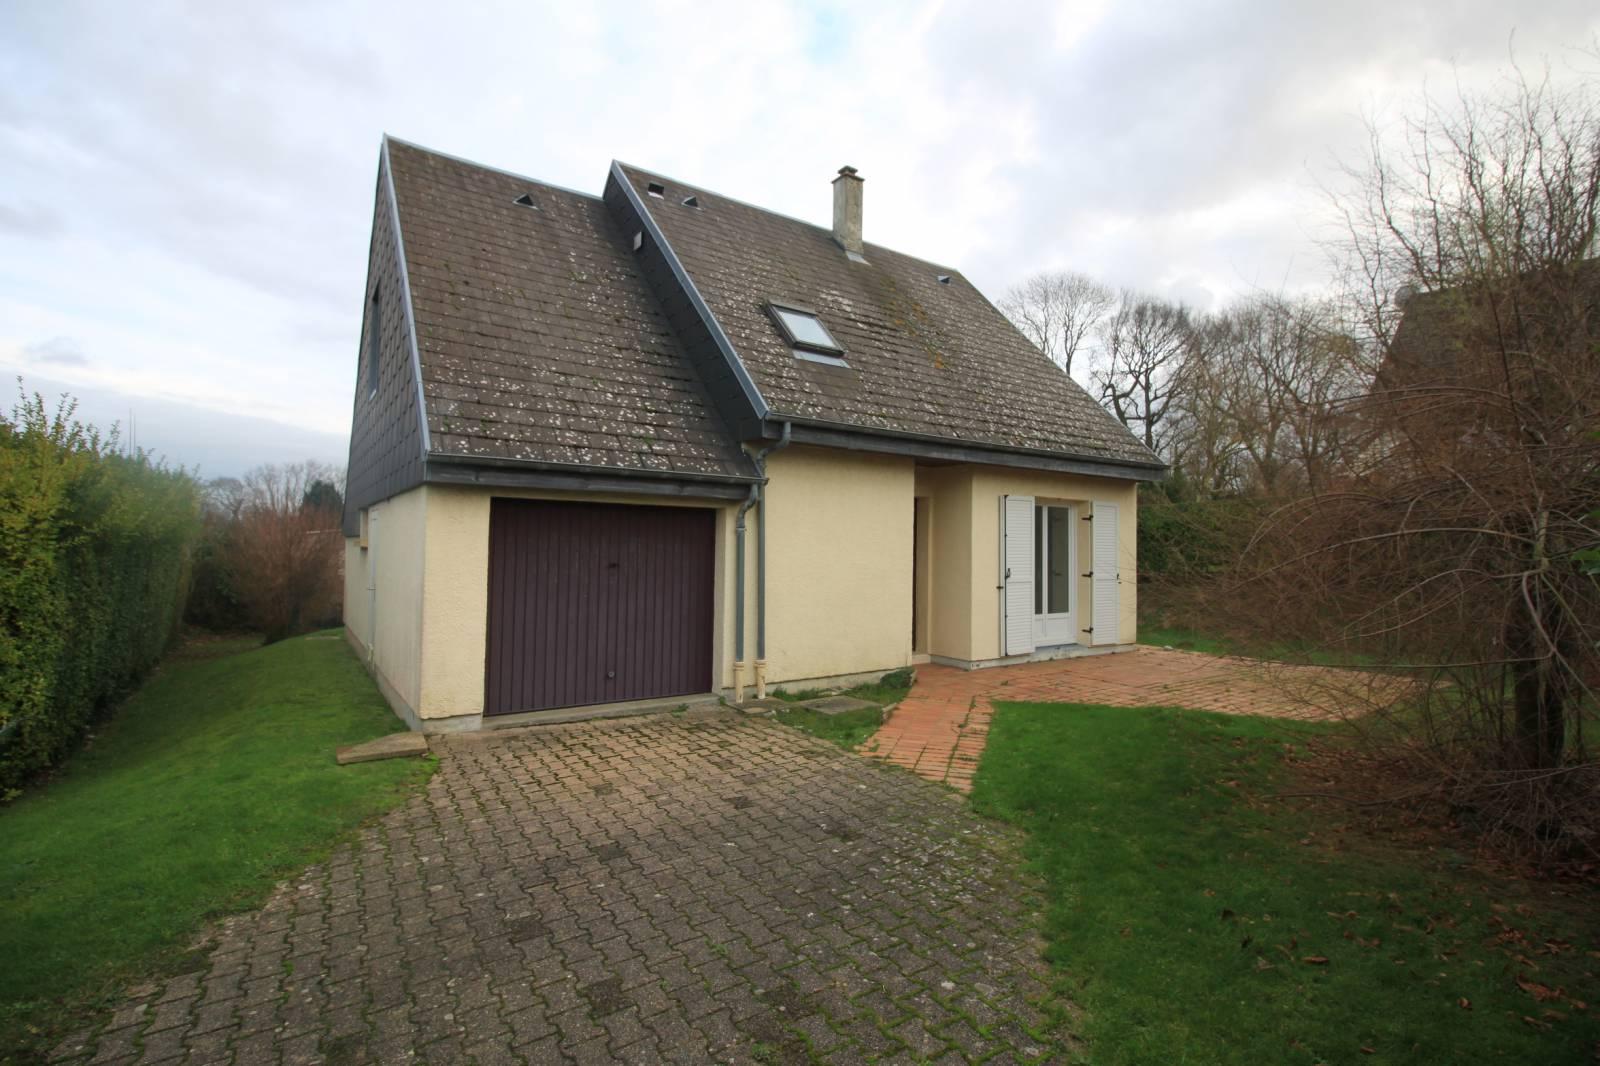 A Vendre Maison de Bord de Mer avec 3 chambres et garage Le Bourg Dun Résidentiel - Transaction ...